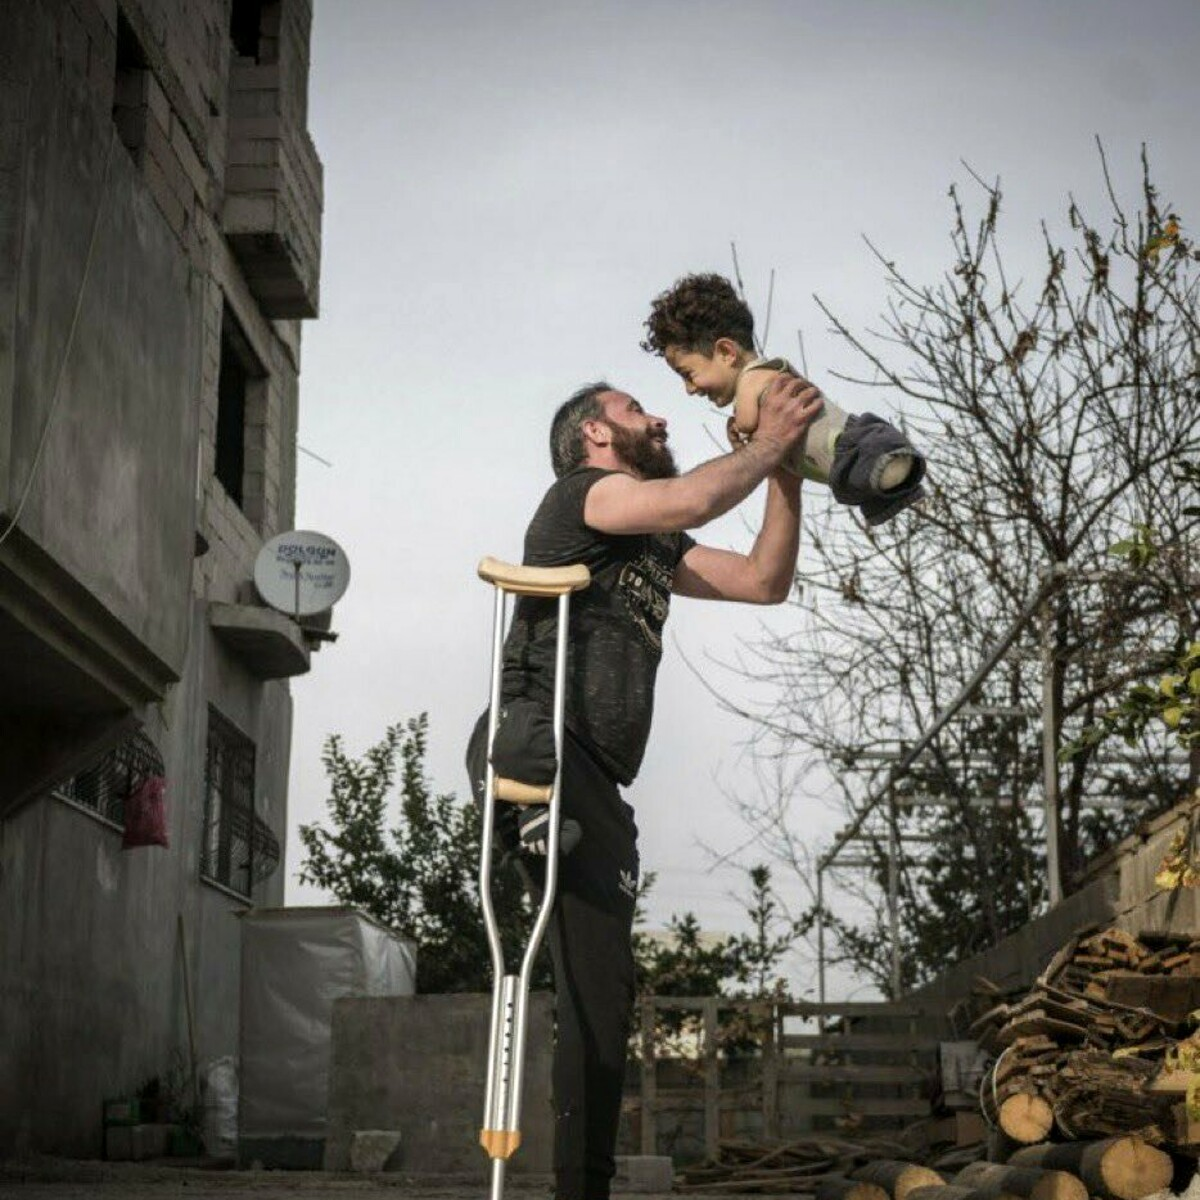 """Papà e figlio senza arti, la foto simbolo della guerra in Siria: """"Svegli le coscienze"""""""